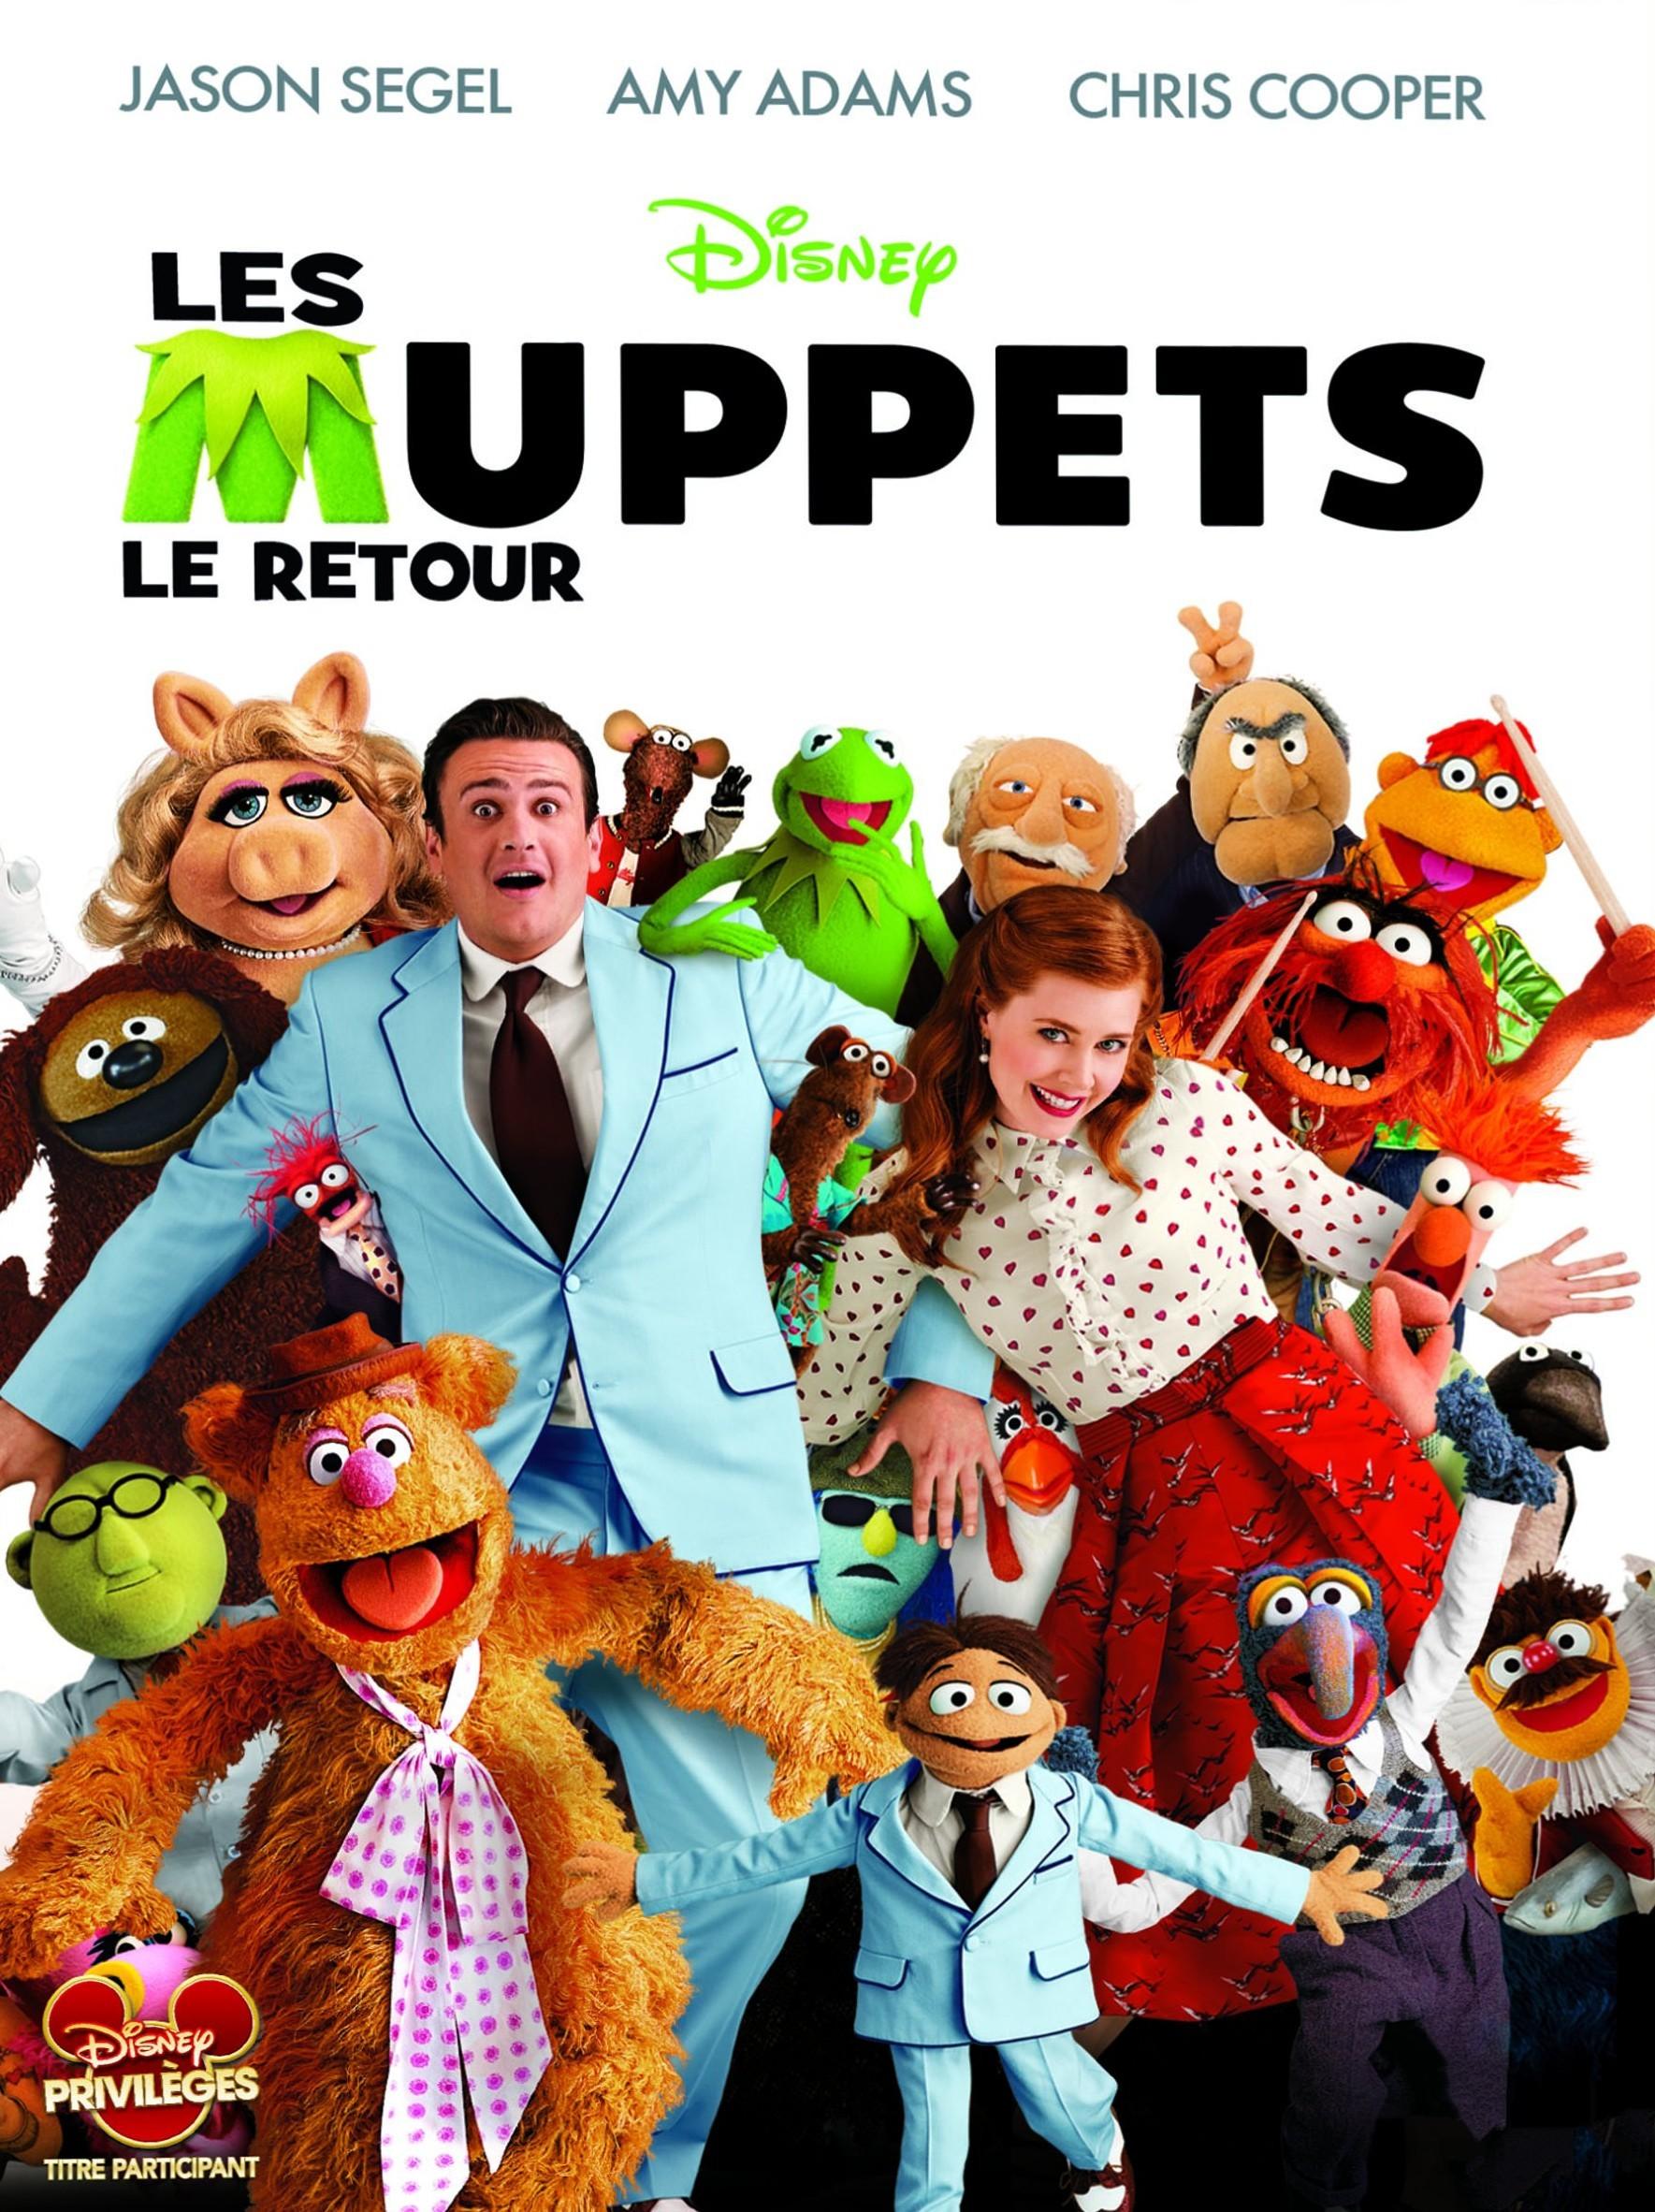 walt disney company walt disney pictures muppets studios affiche muppets retour poster